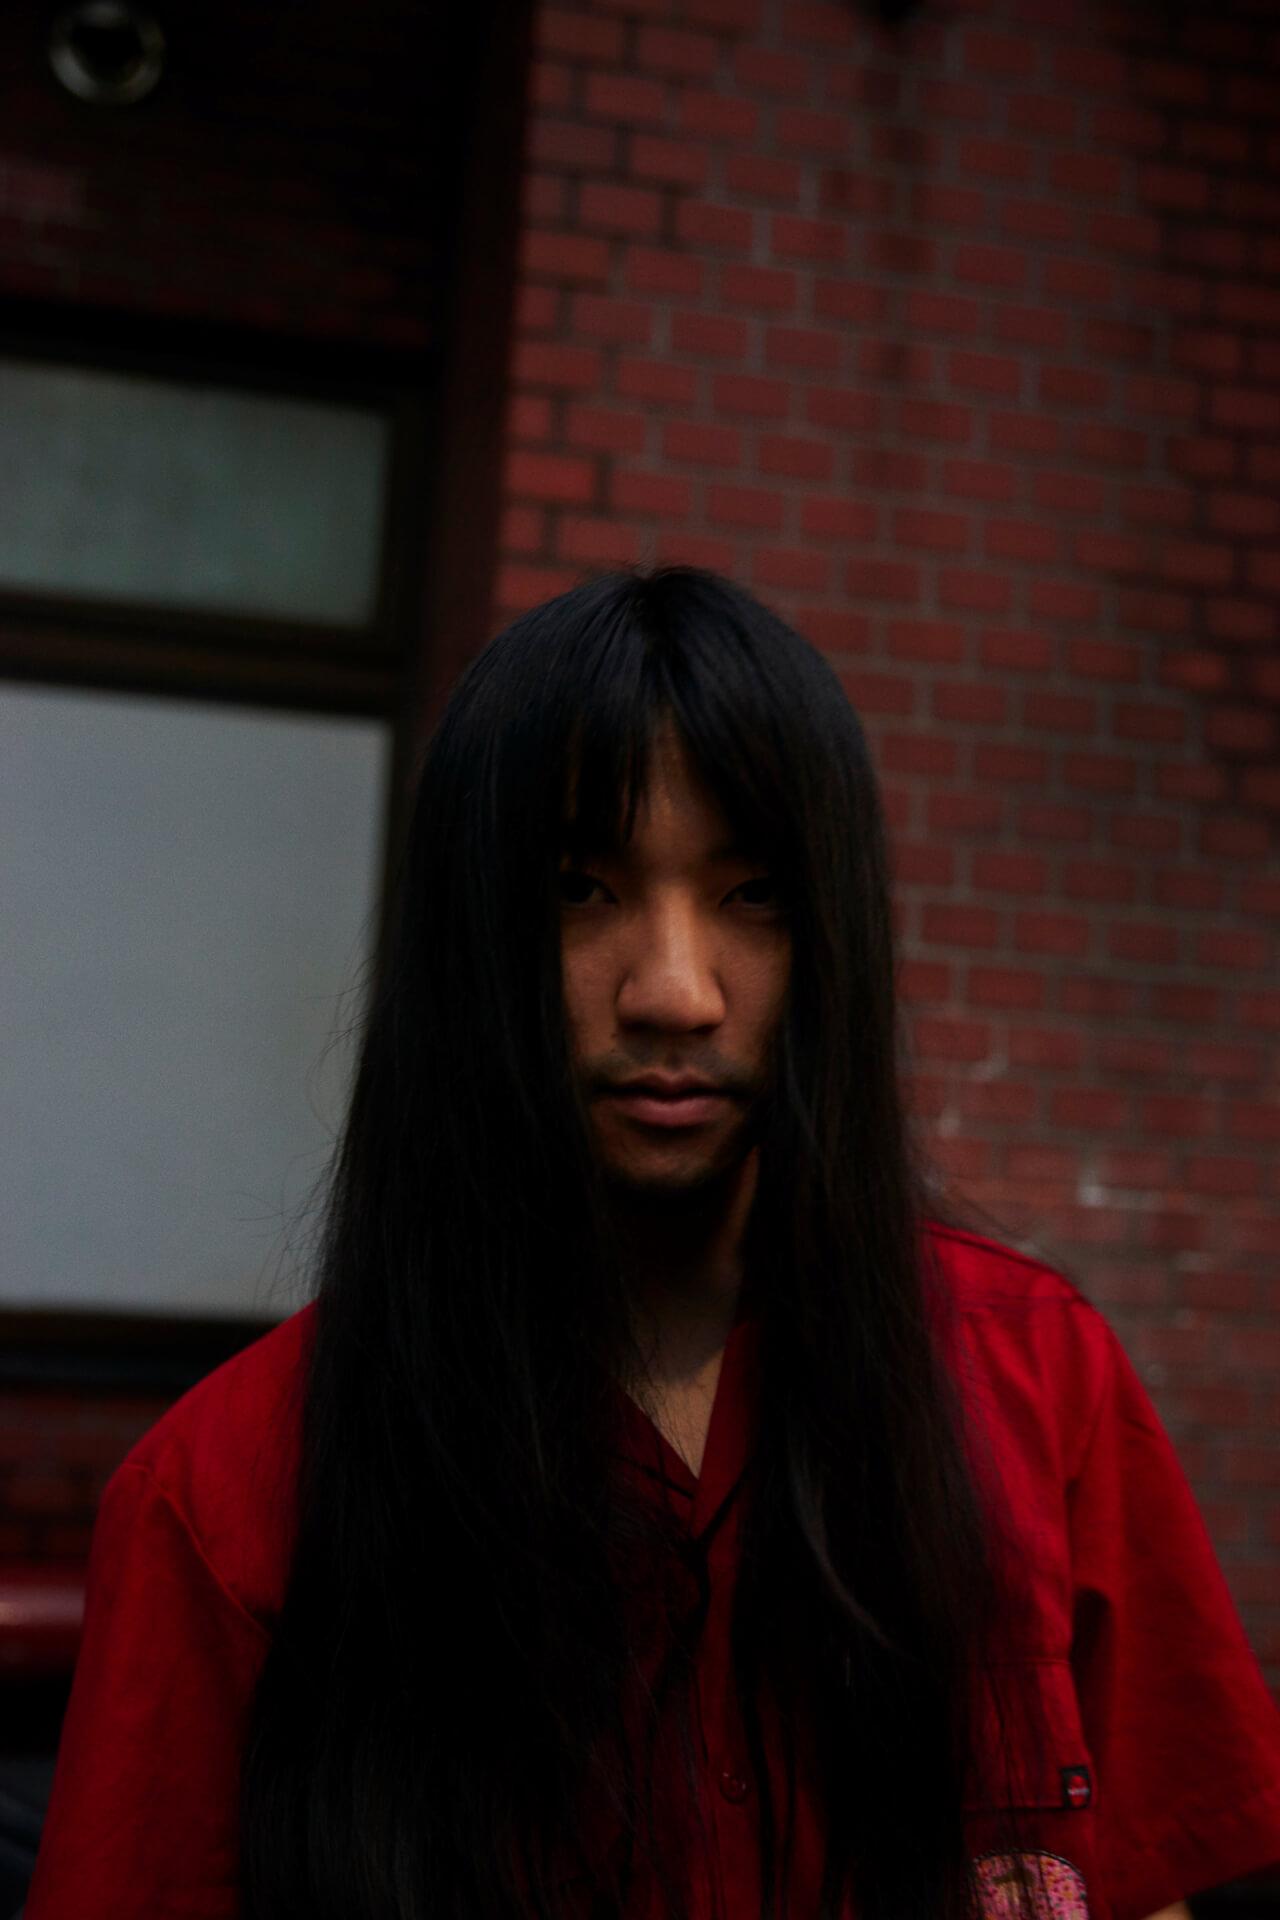 映画『Tribe Called Discord』GEZANマヒトと考える、これからの社会と生き方 interview-gezan-film-mahito-2